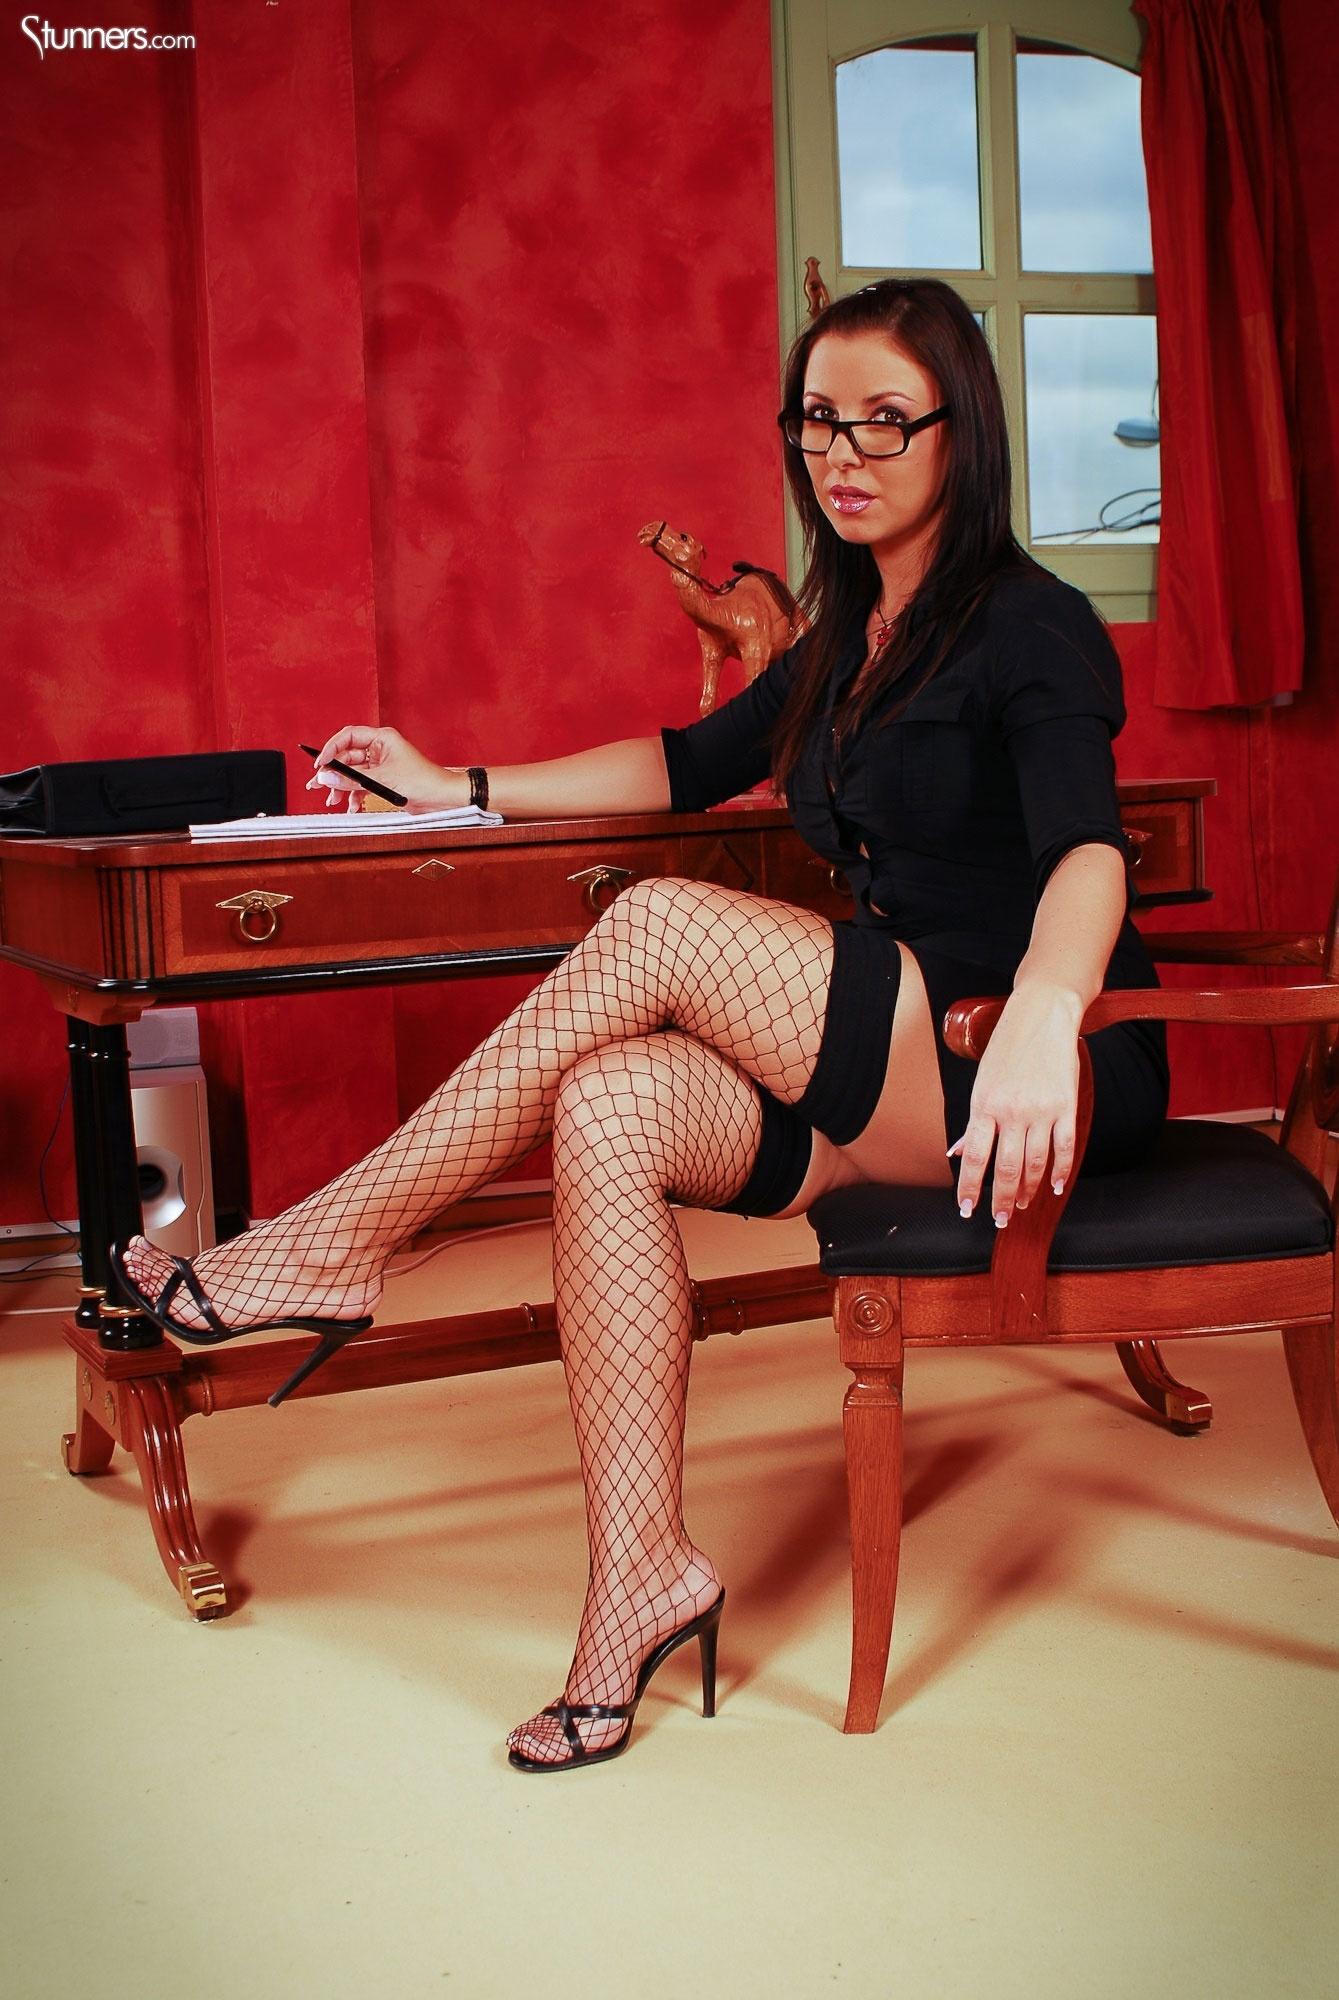 Maria bellucci pics